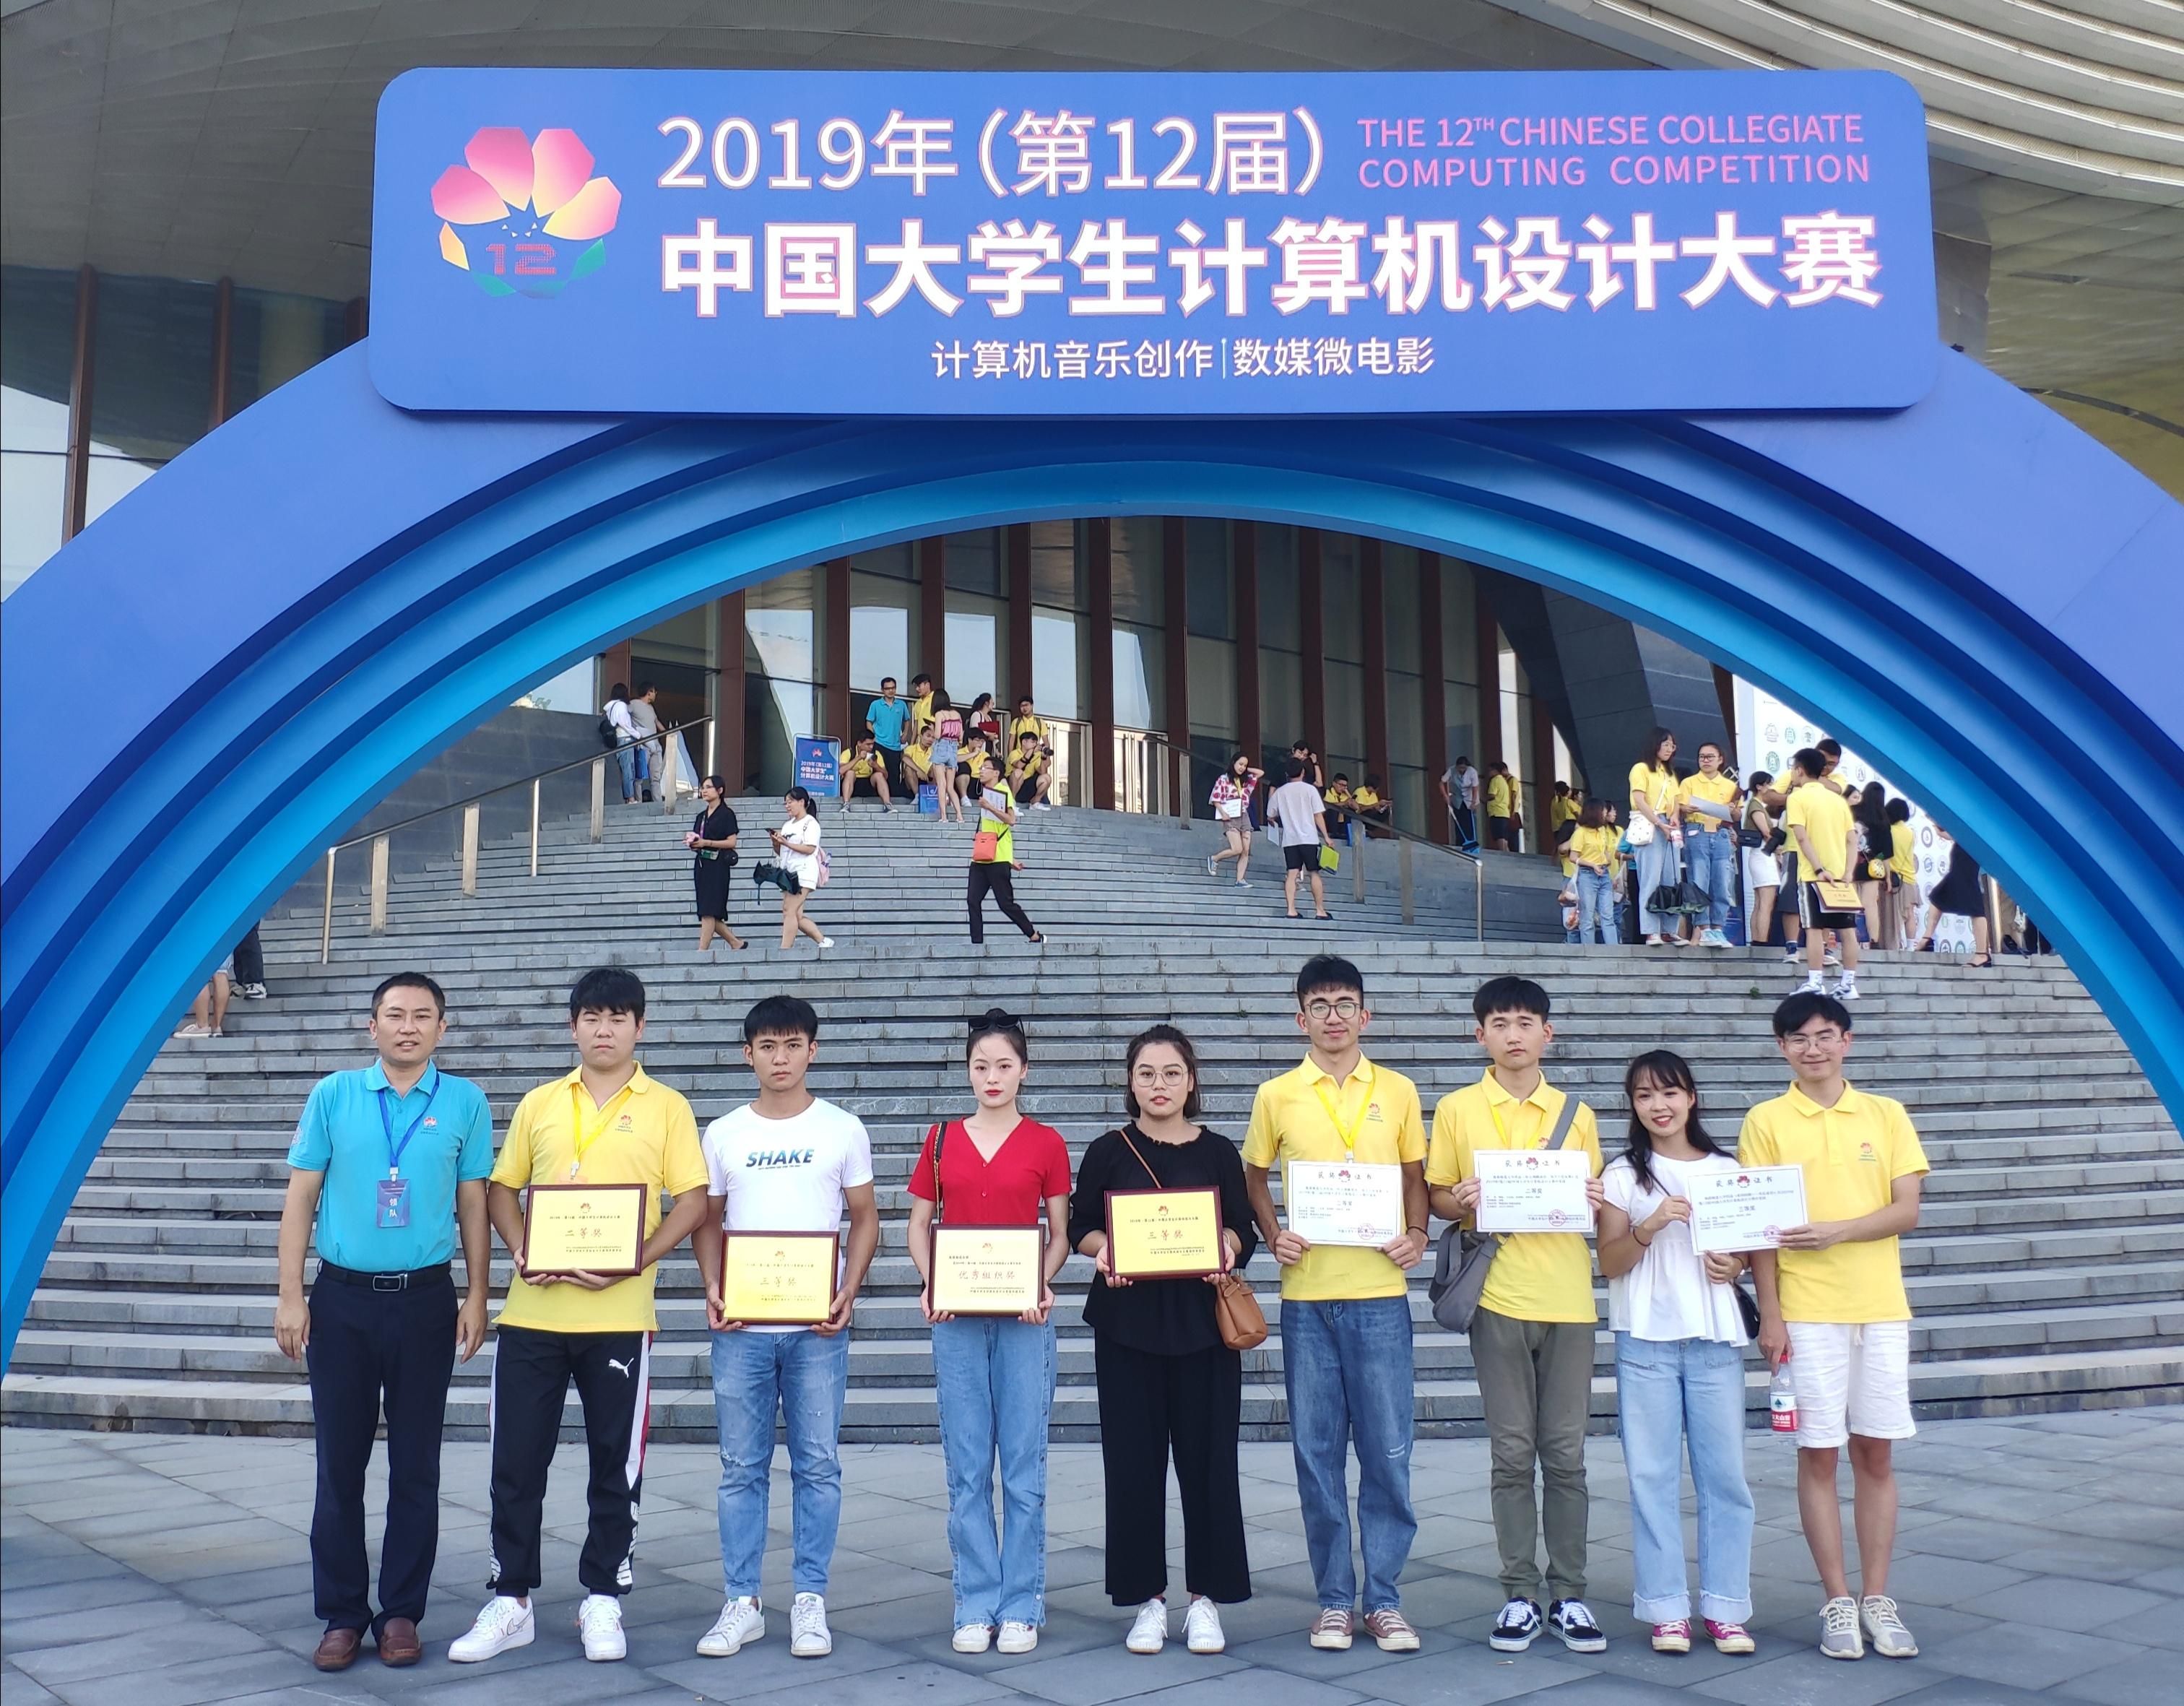 新传学子在中国大学生计算机设计大赛中再获佳绩